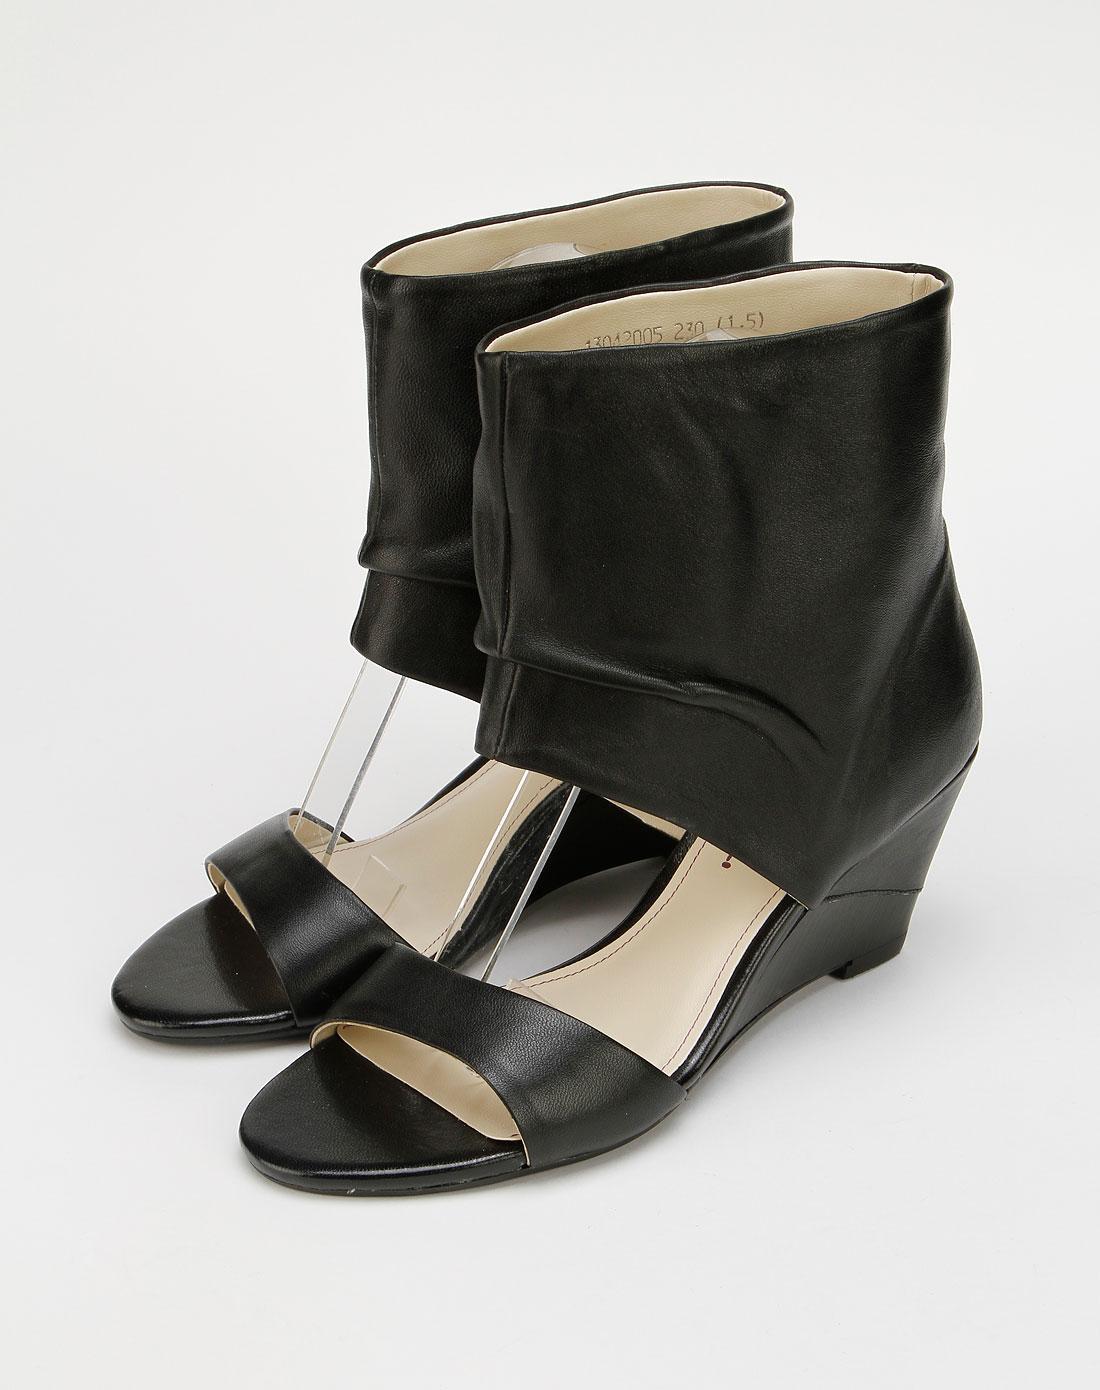 蜜丝罗妮marchiori高端黑色羊皮女凉鞋13042005-0001